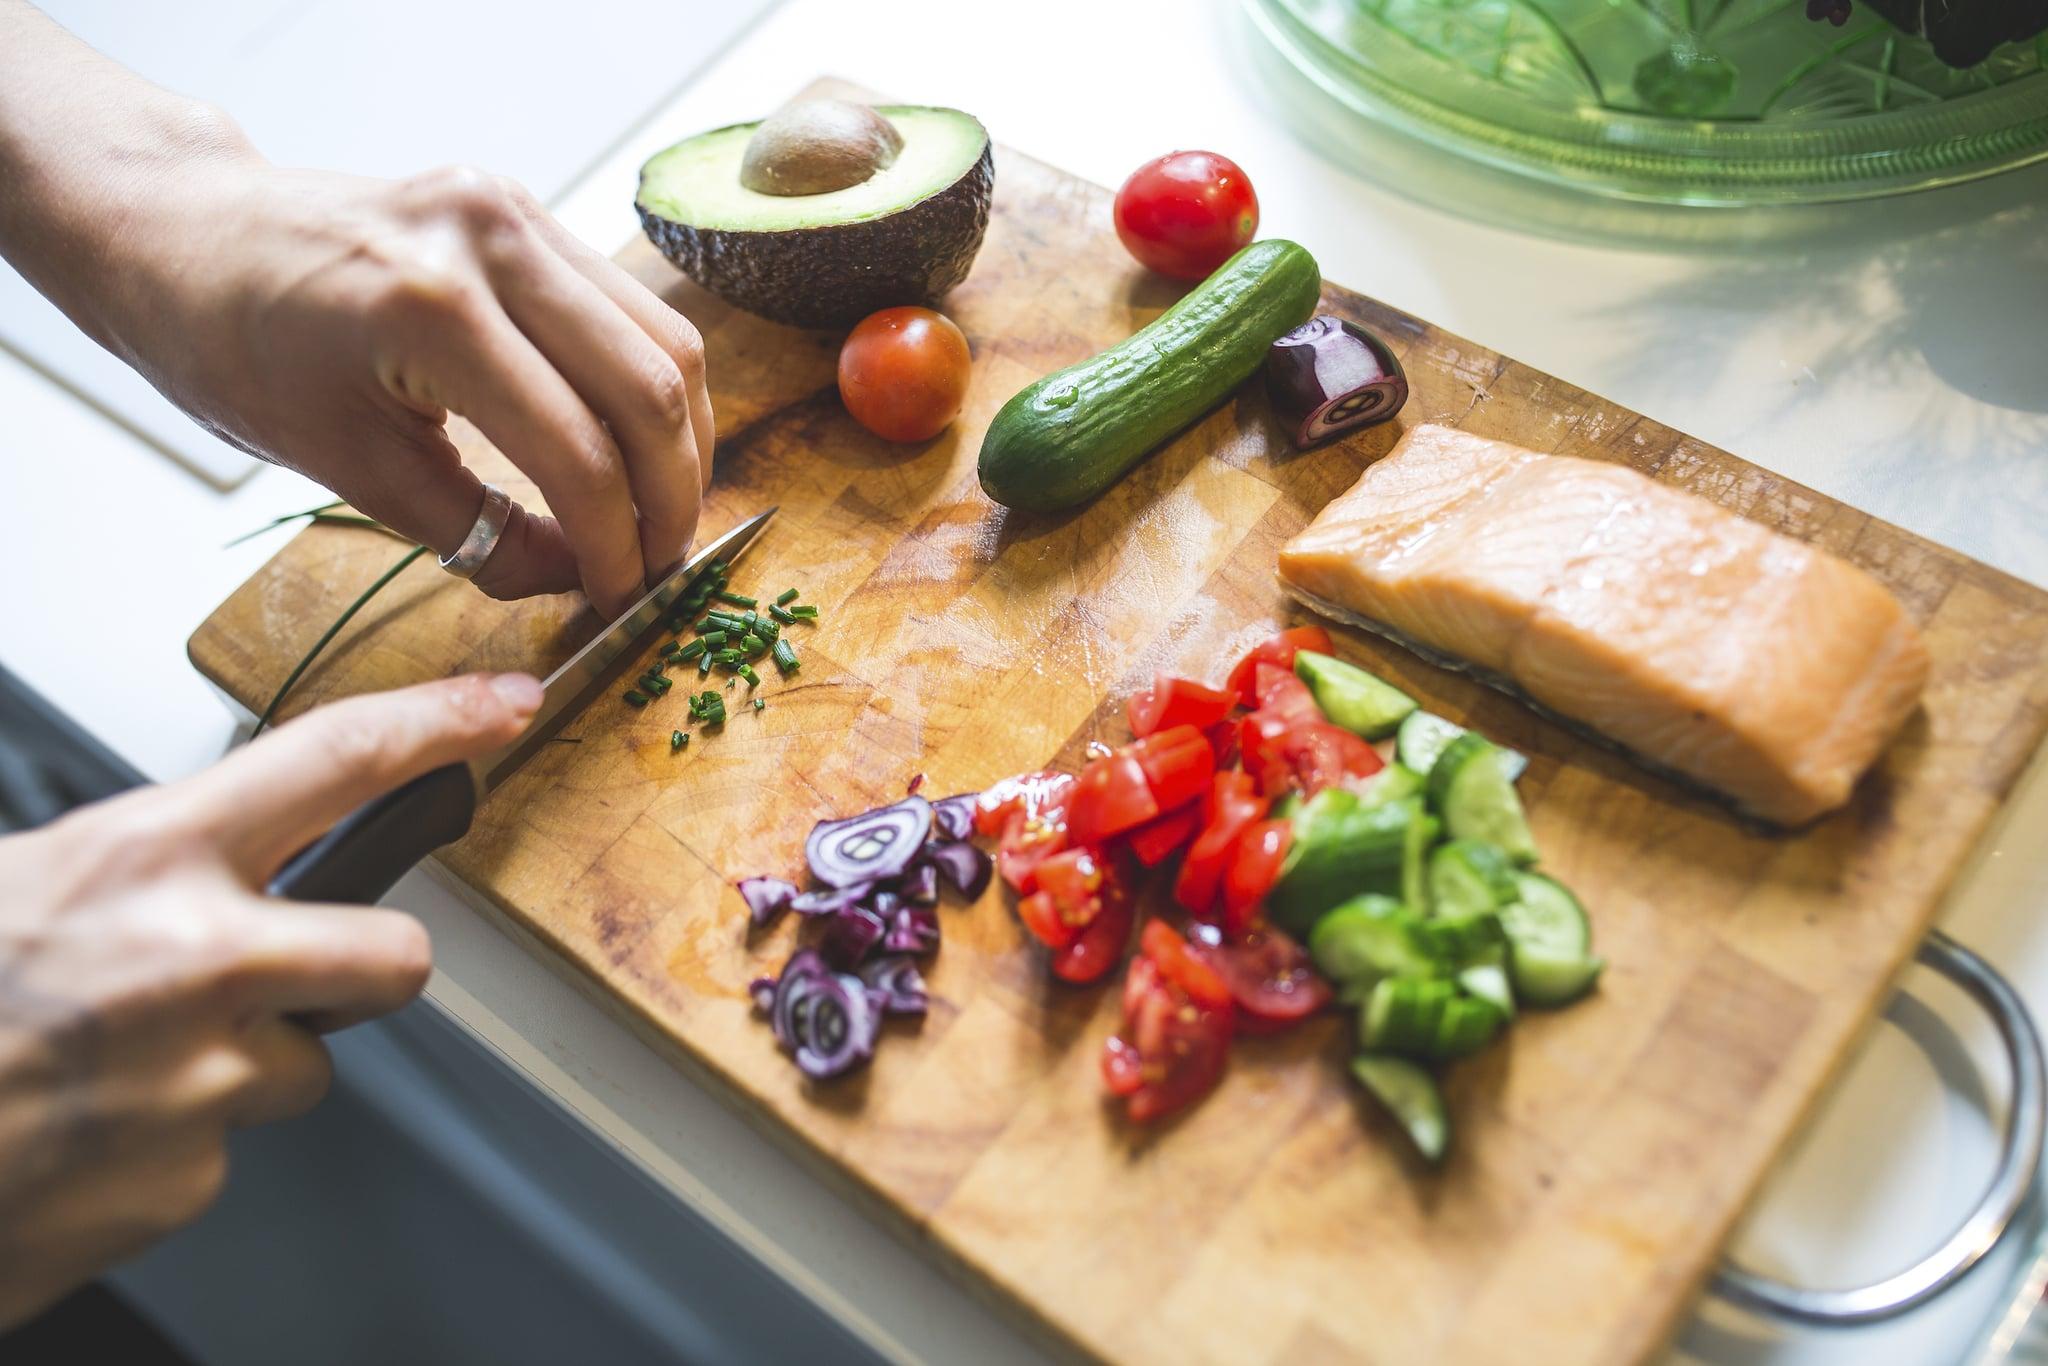 Gesunde Ernährung, Kochen & Fitness, Salat zubereten, Tomate, Gurke, Kräuter, Lachs, Fisch